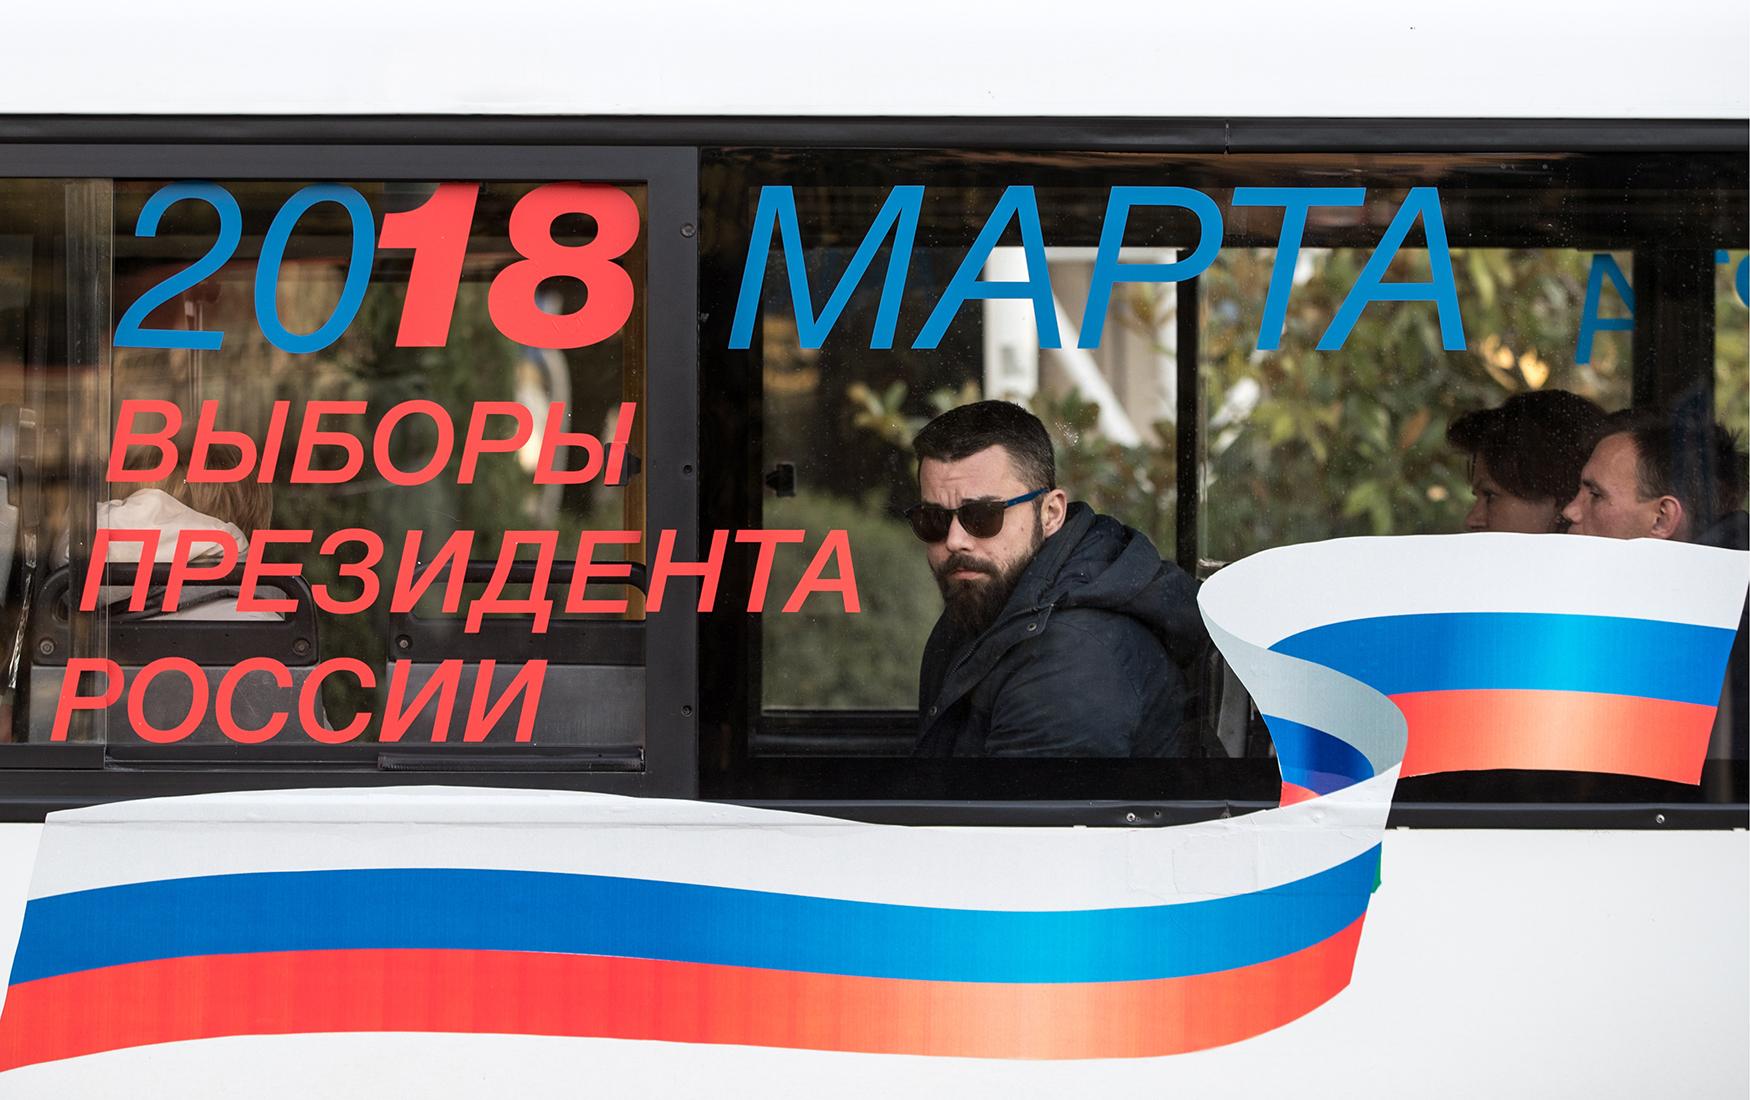 Выборы президента России впервые проходят в Крыму и Севастополе